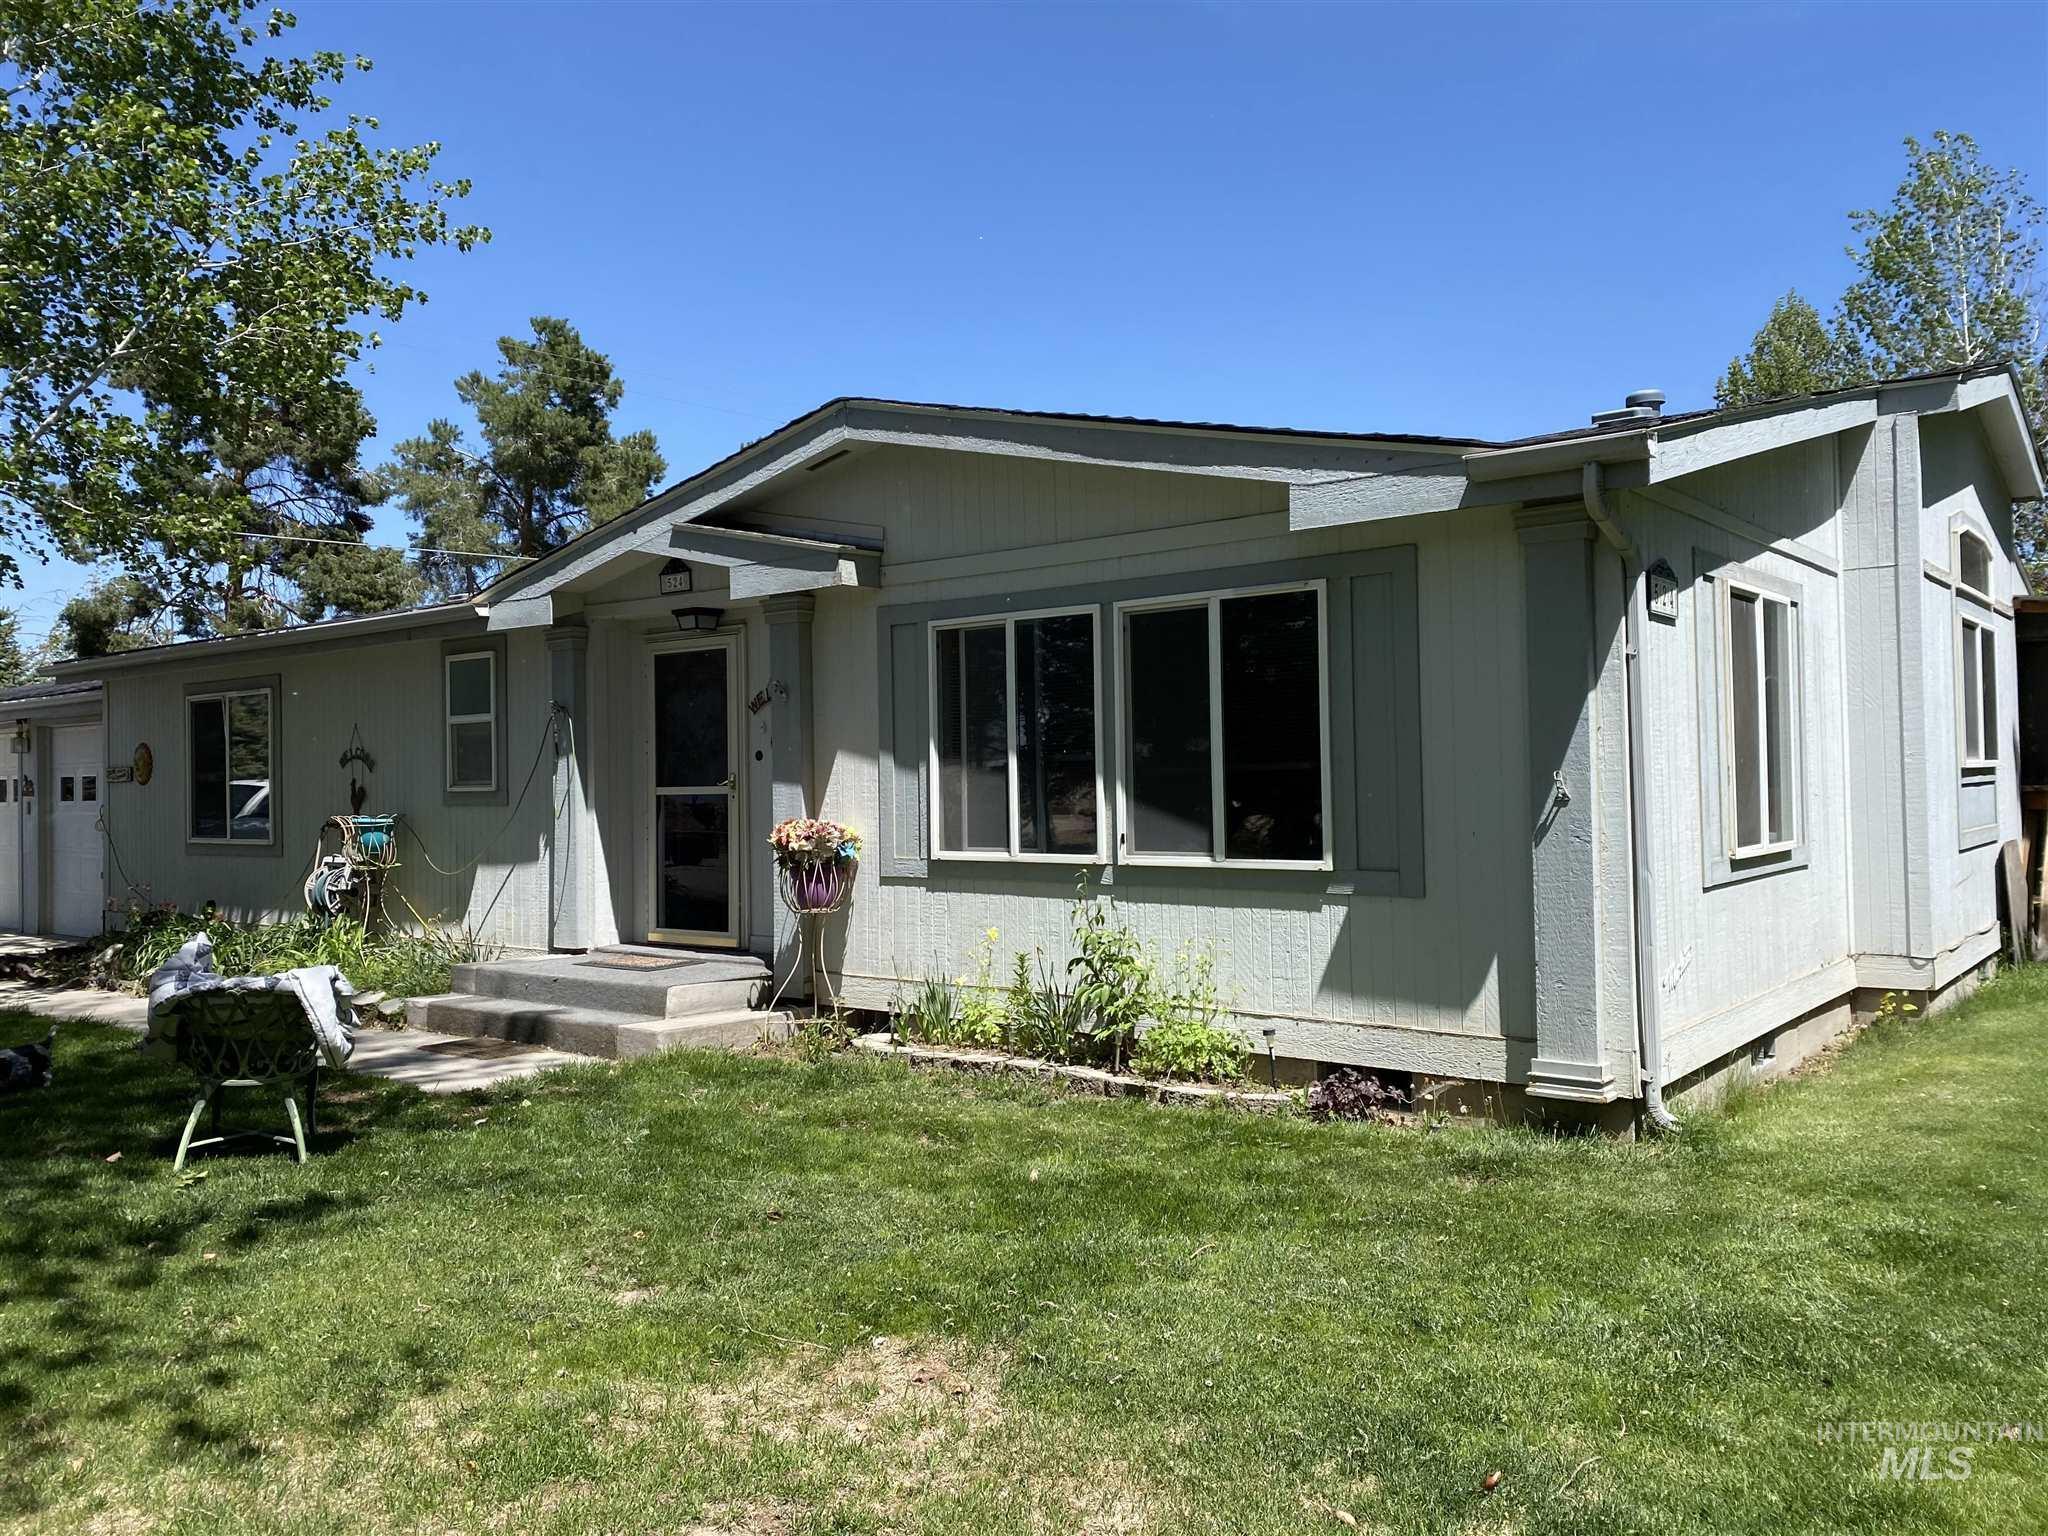 524 W 7 Property Photo